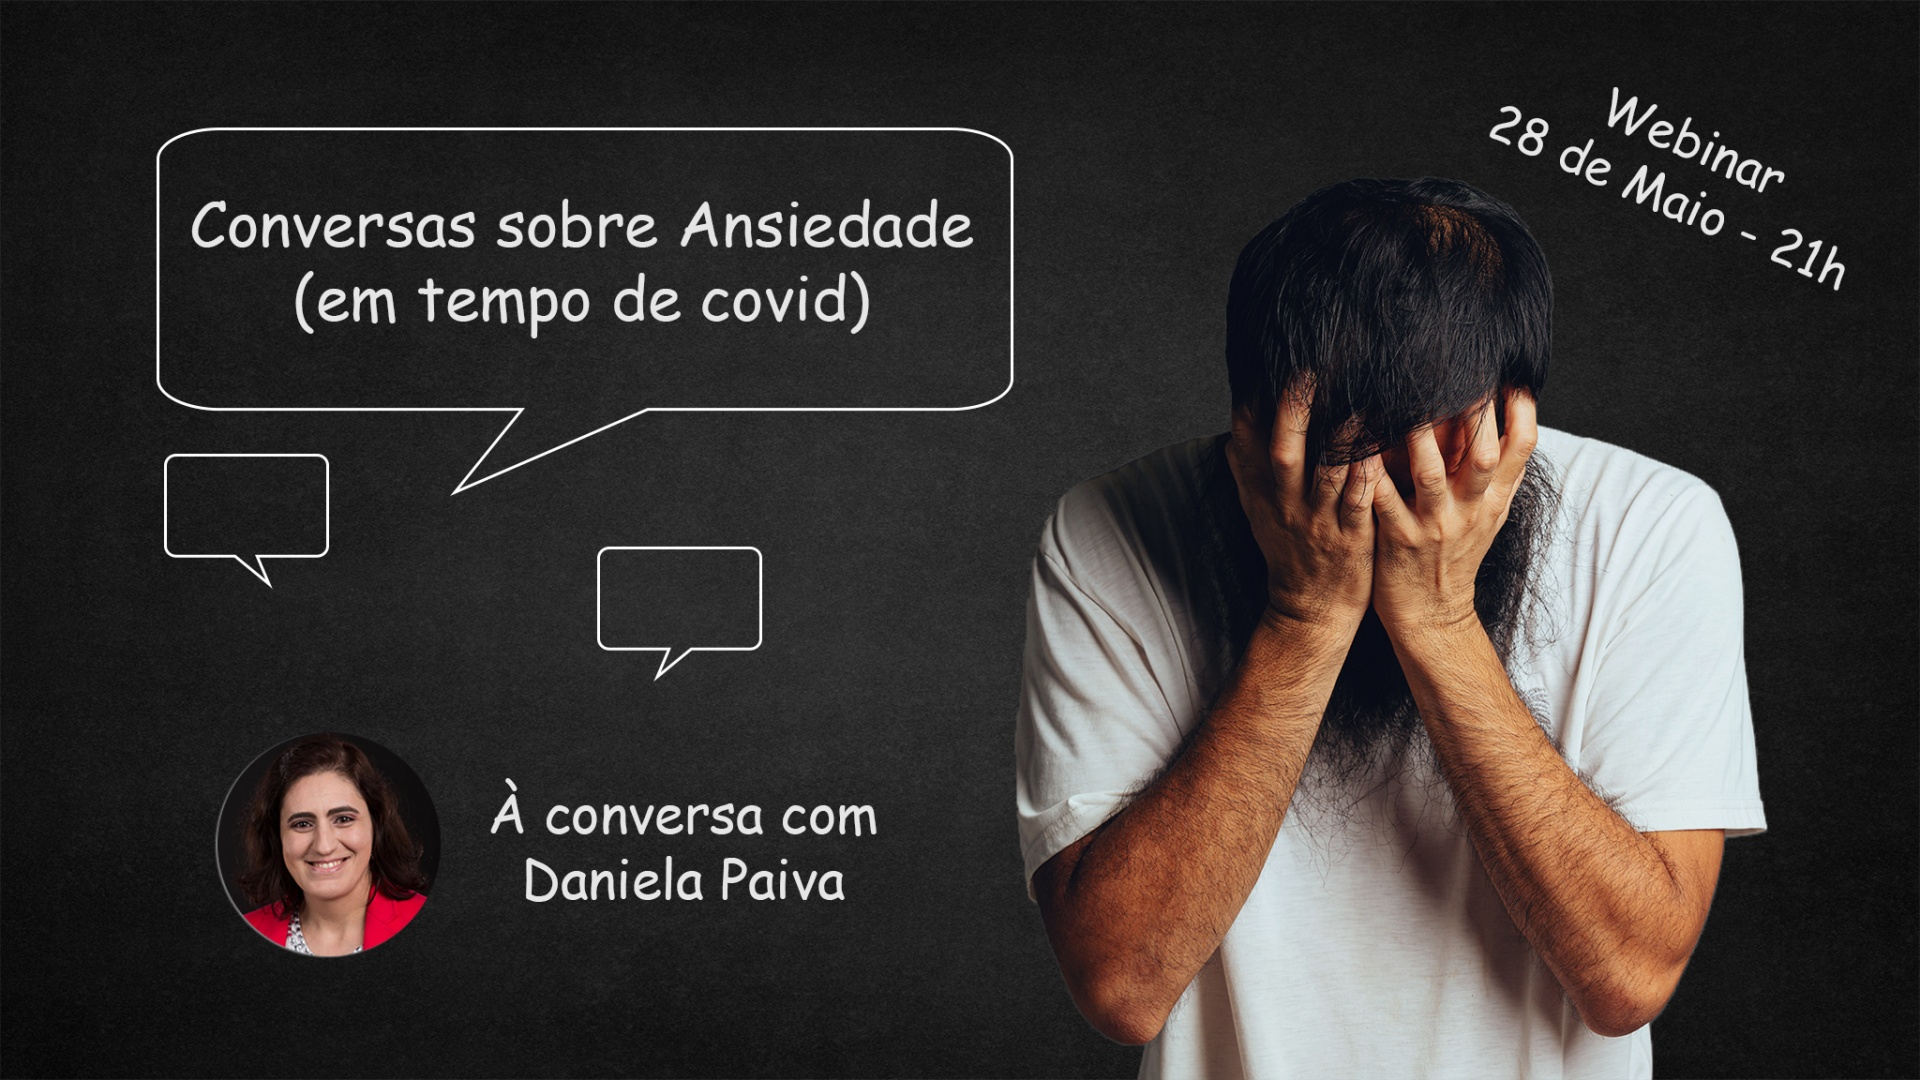 Conversas sobre Ansiedade (em tempo de covid)